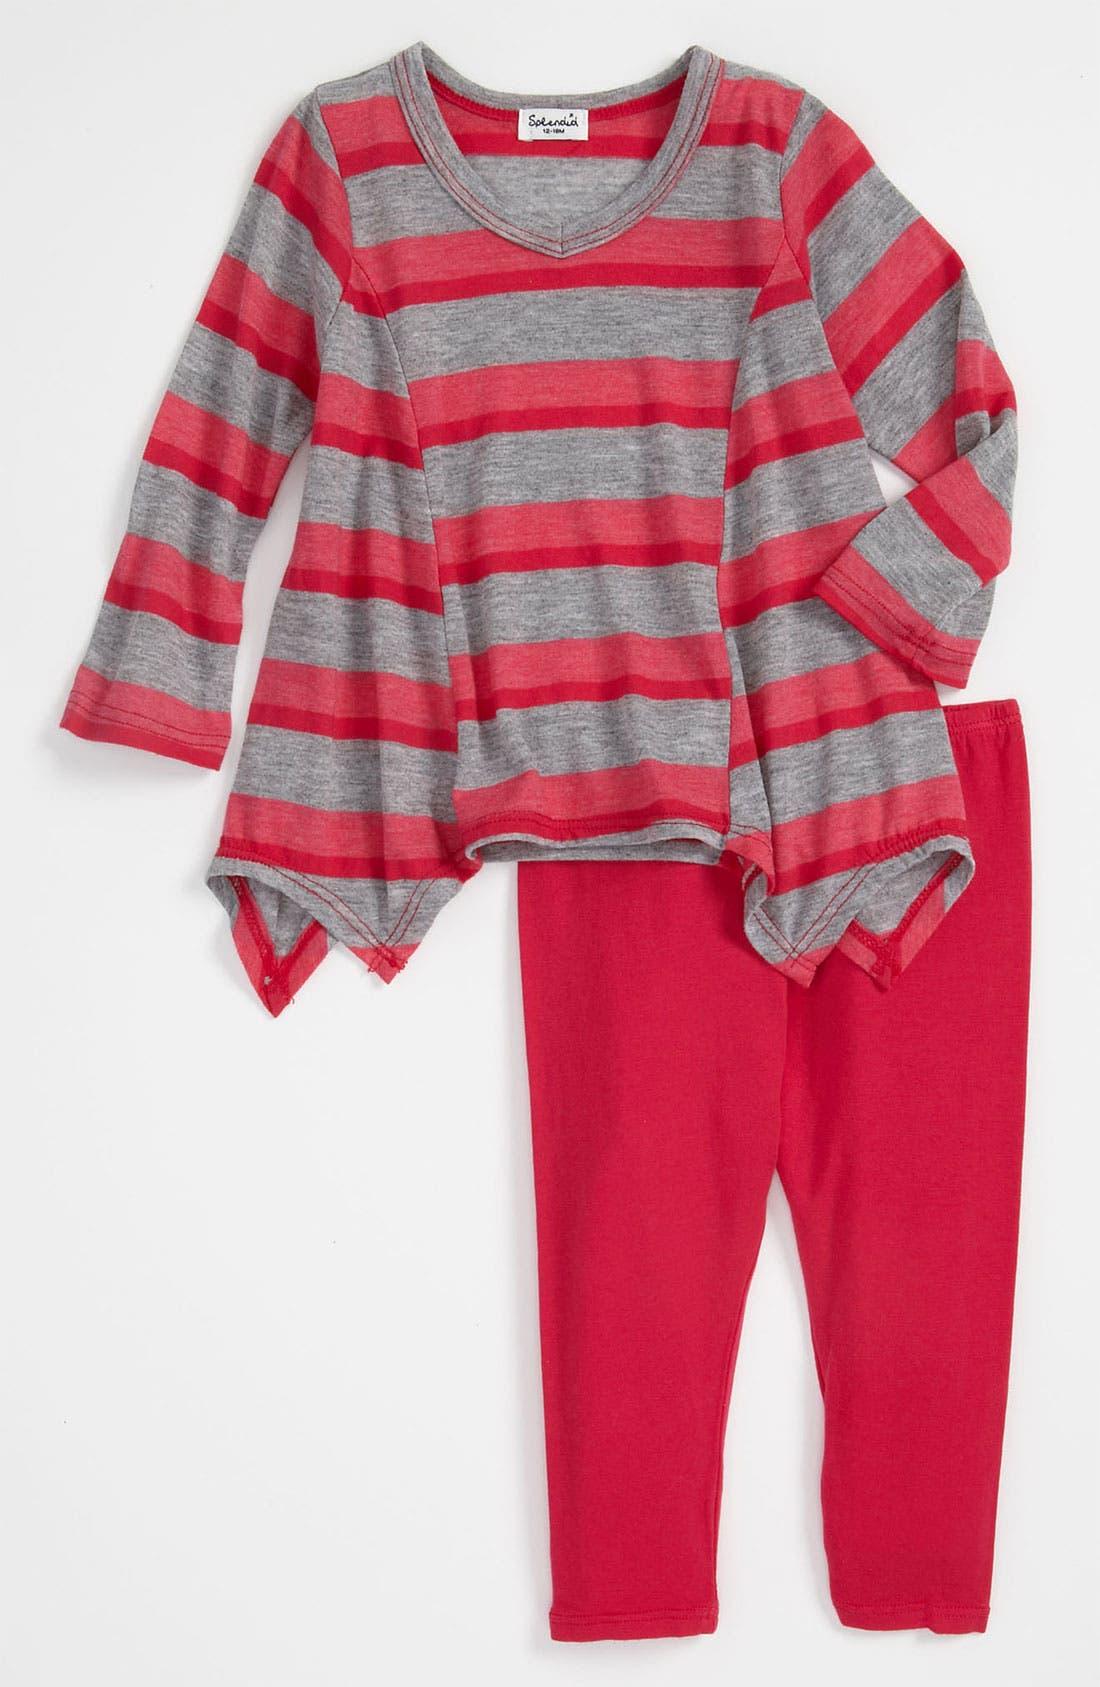 Alternate Image 1 Selected - Splendid 'Lily' Stripe Tunic & Leggings (Infant)